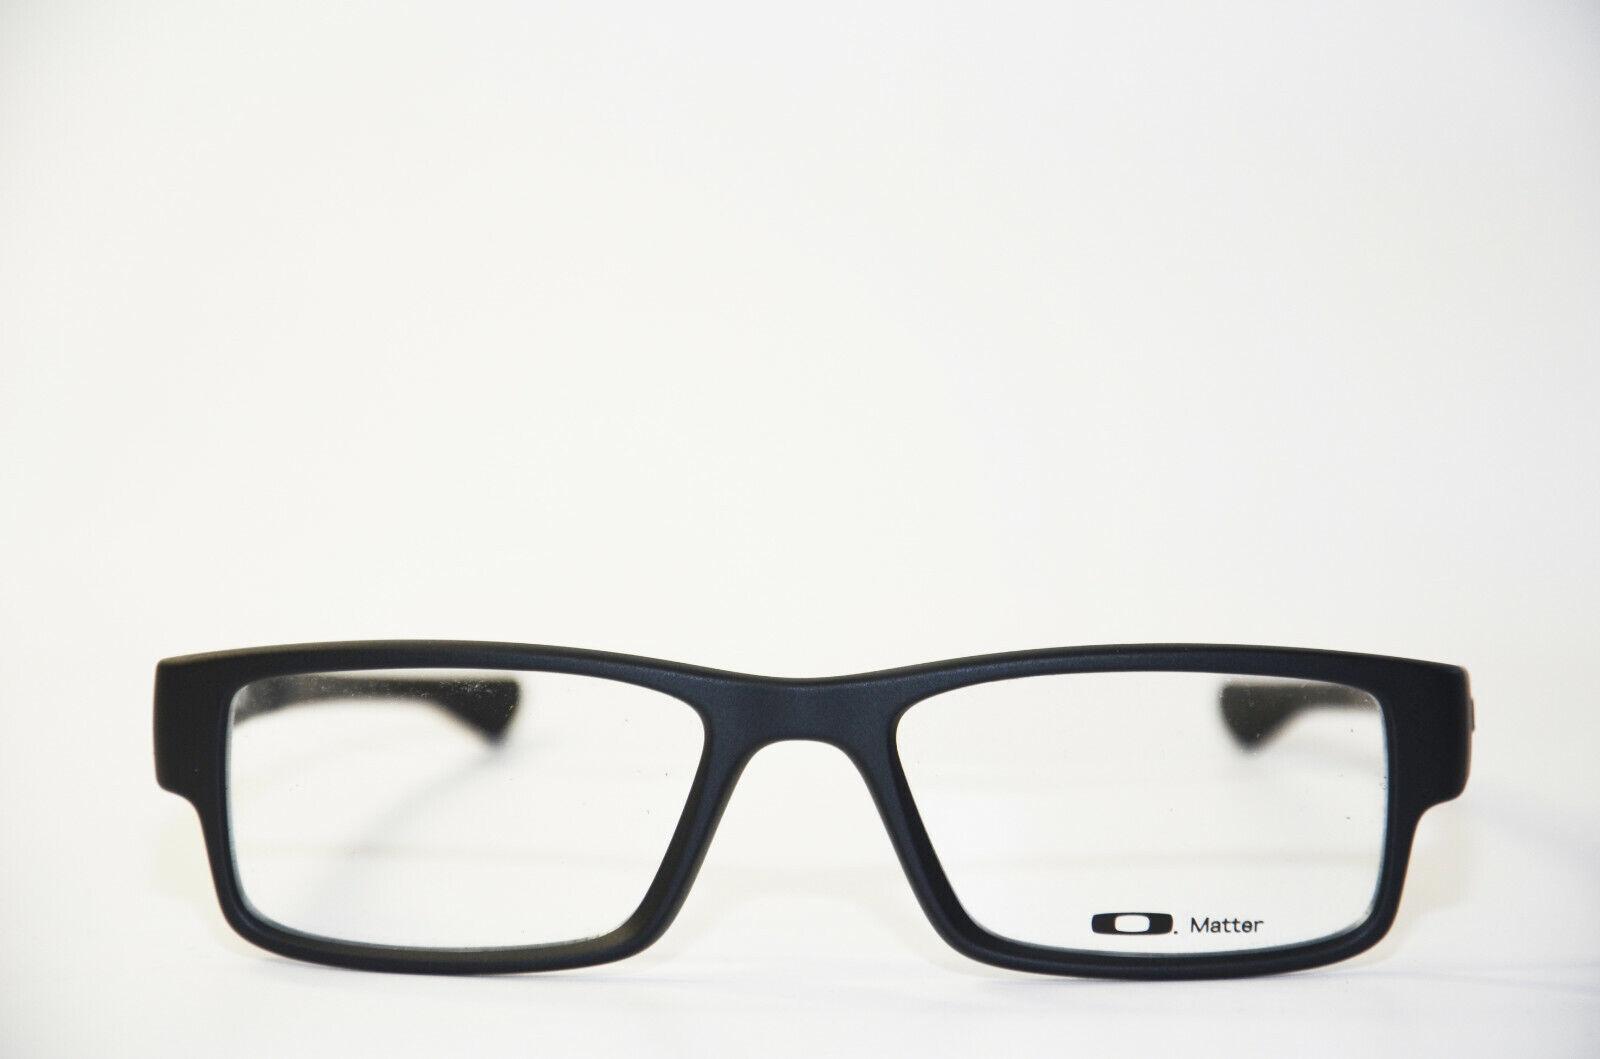 OAKLEY Airdrop 8046 01 5318 satin black Brille Kunststoff schwarz NEU